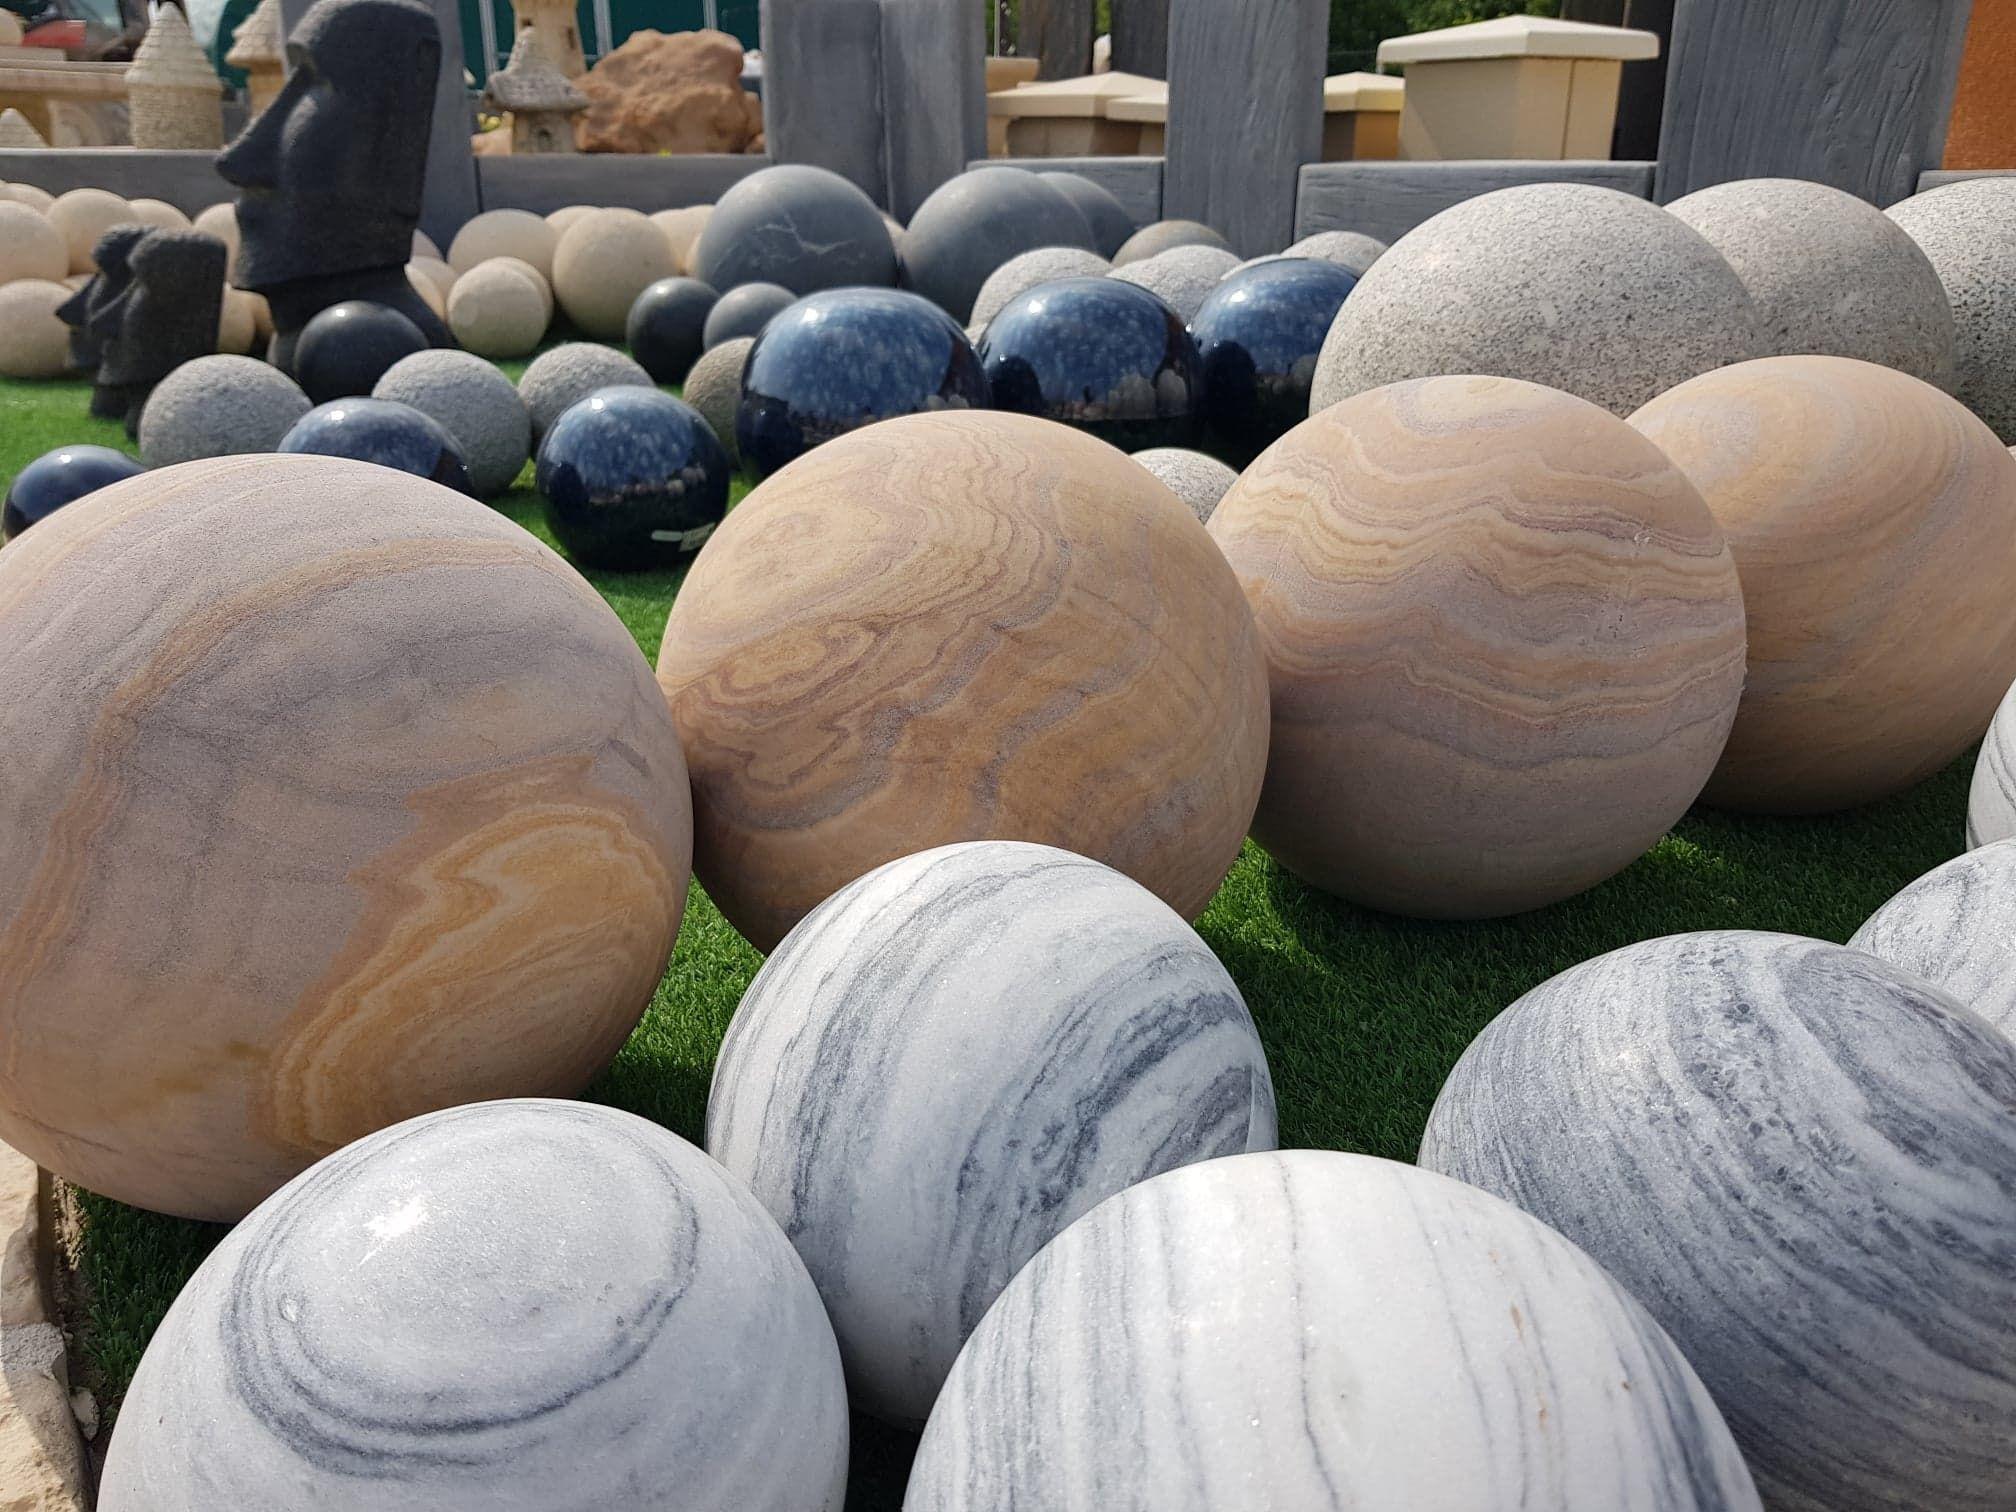 Sphères De Jardin En Granit, Granit Adouci, Terre Cuite ... pour Boule Decorative Jardin